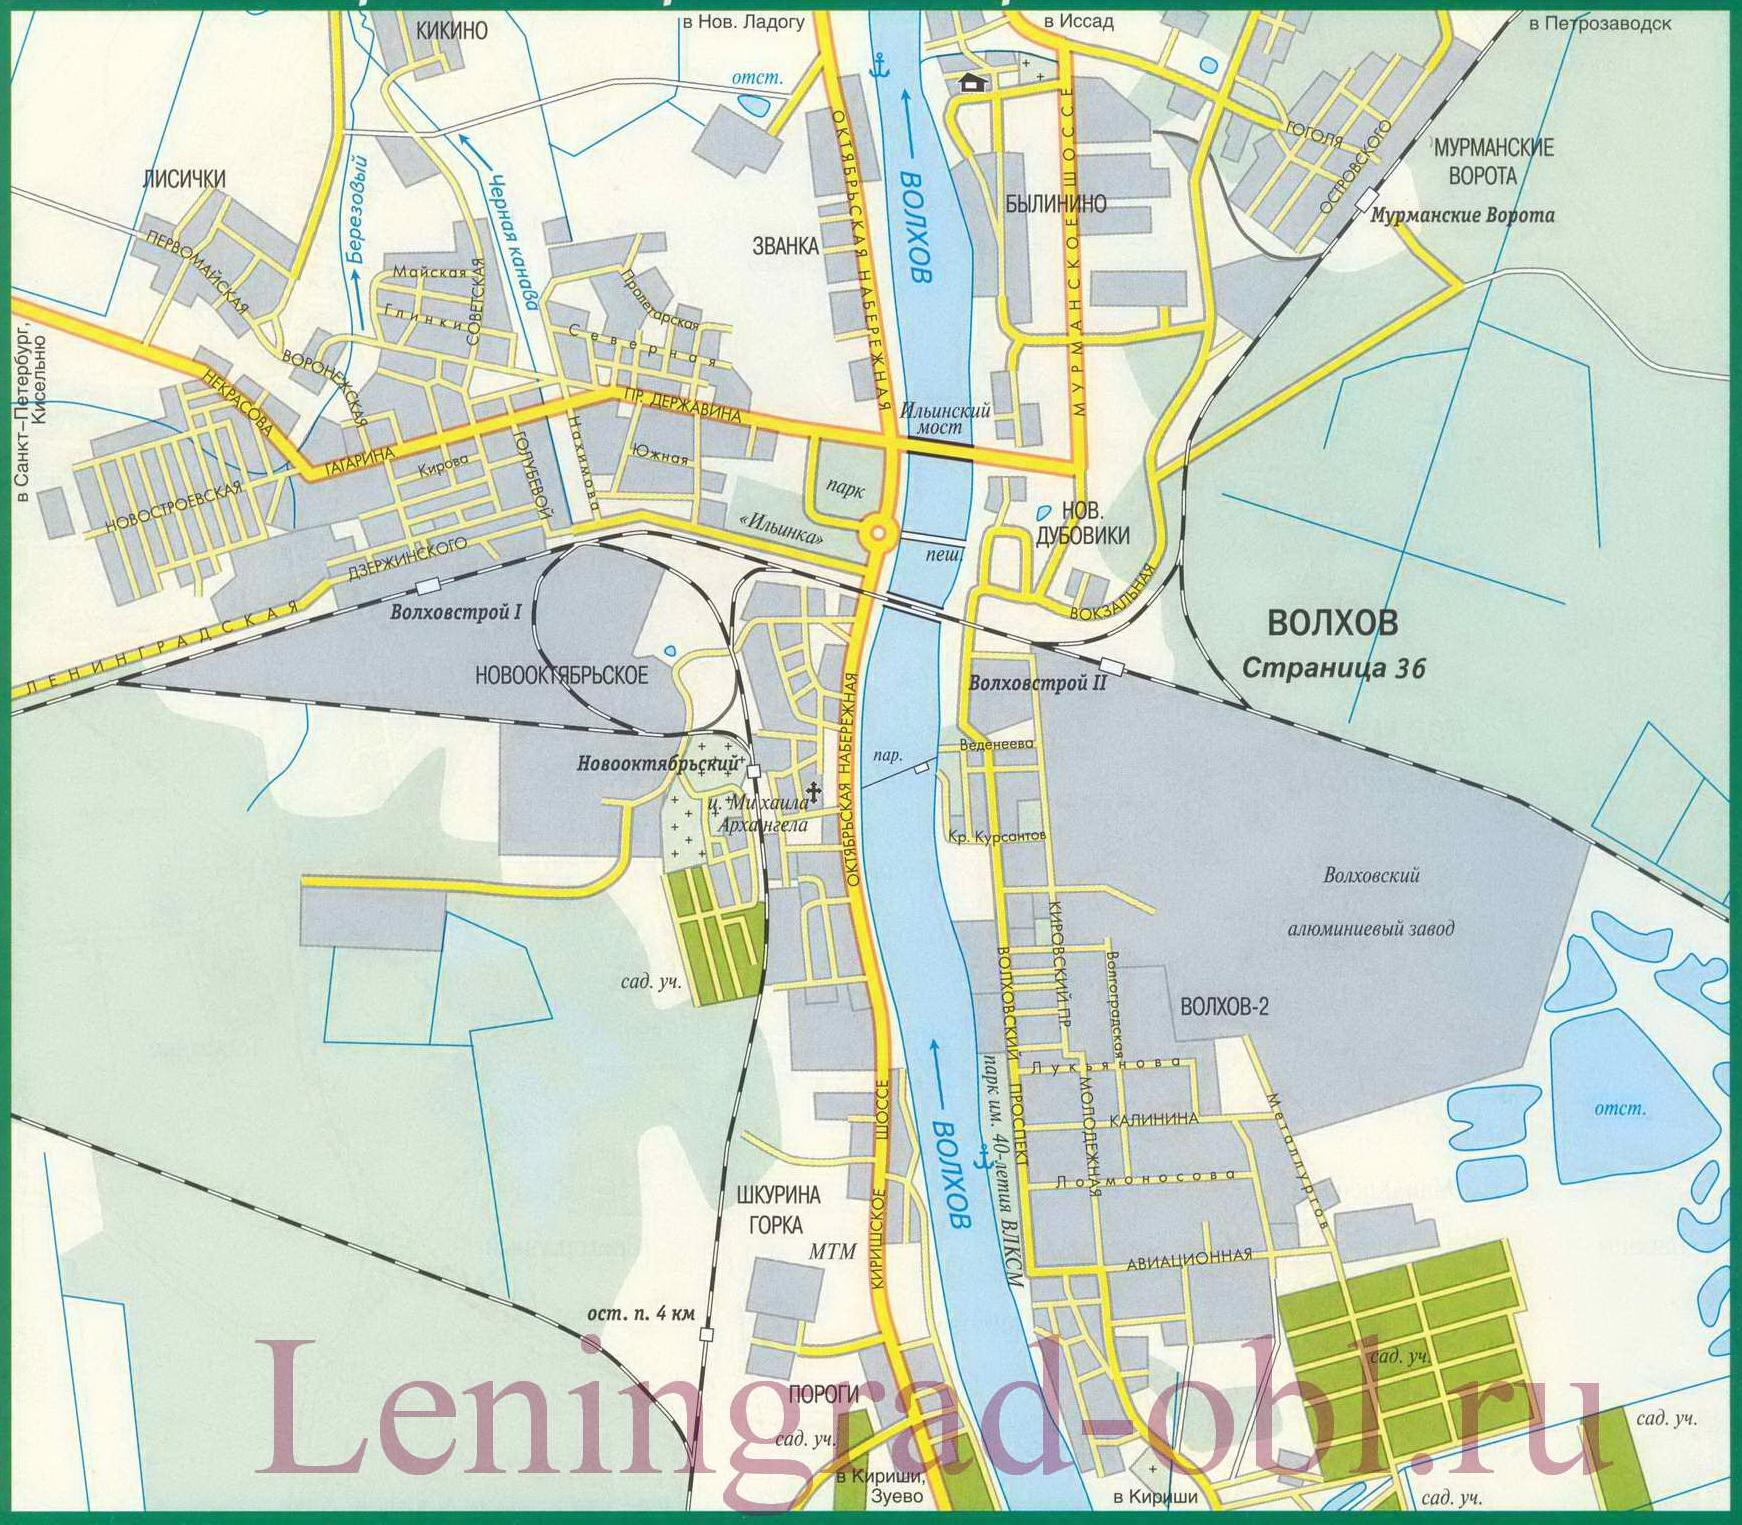 Карта Ленинградской области Топографическая карта